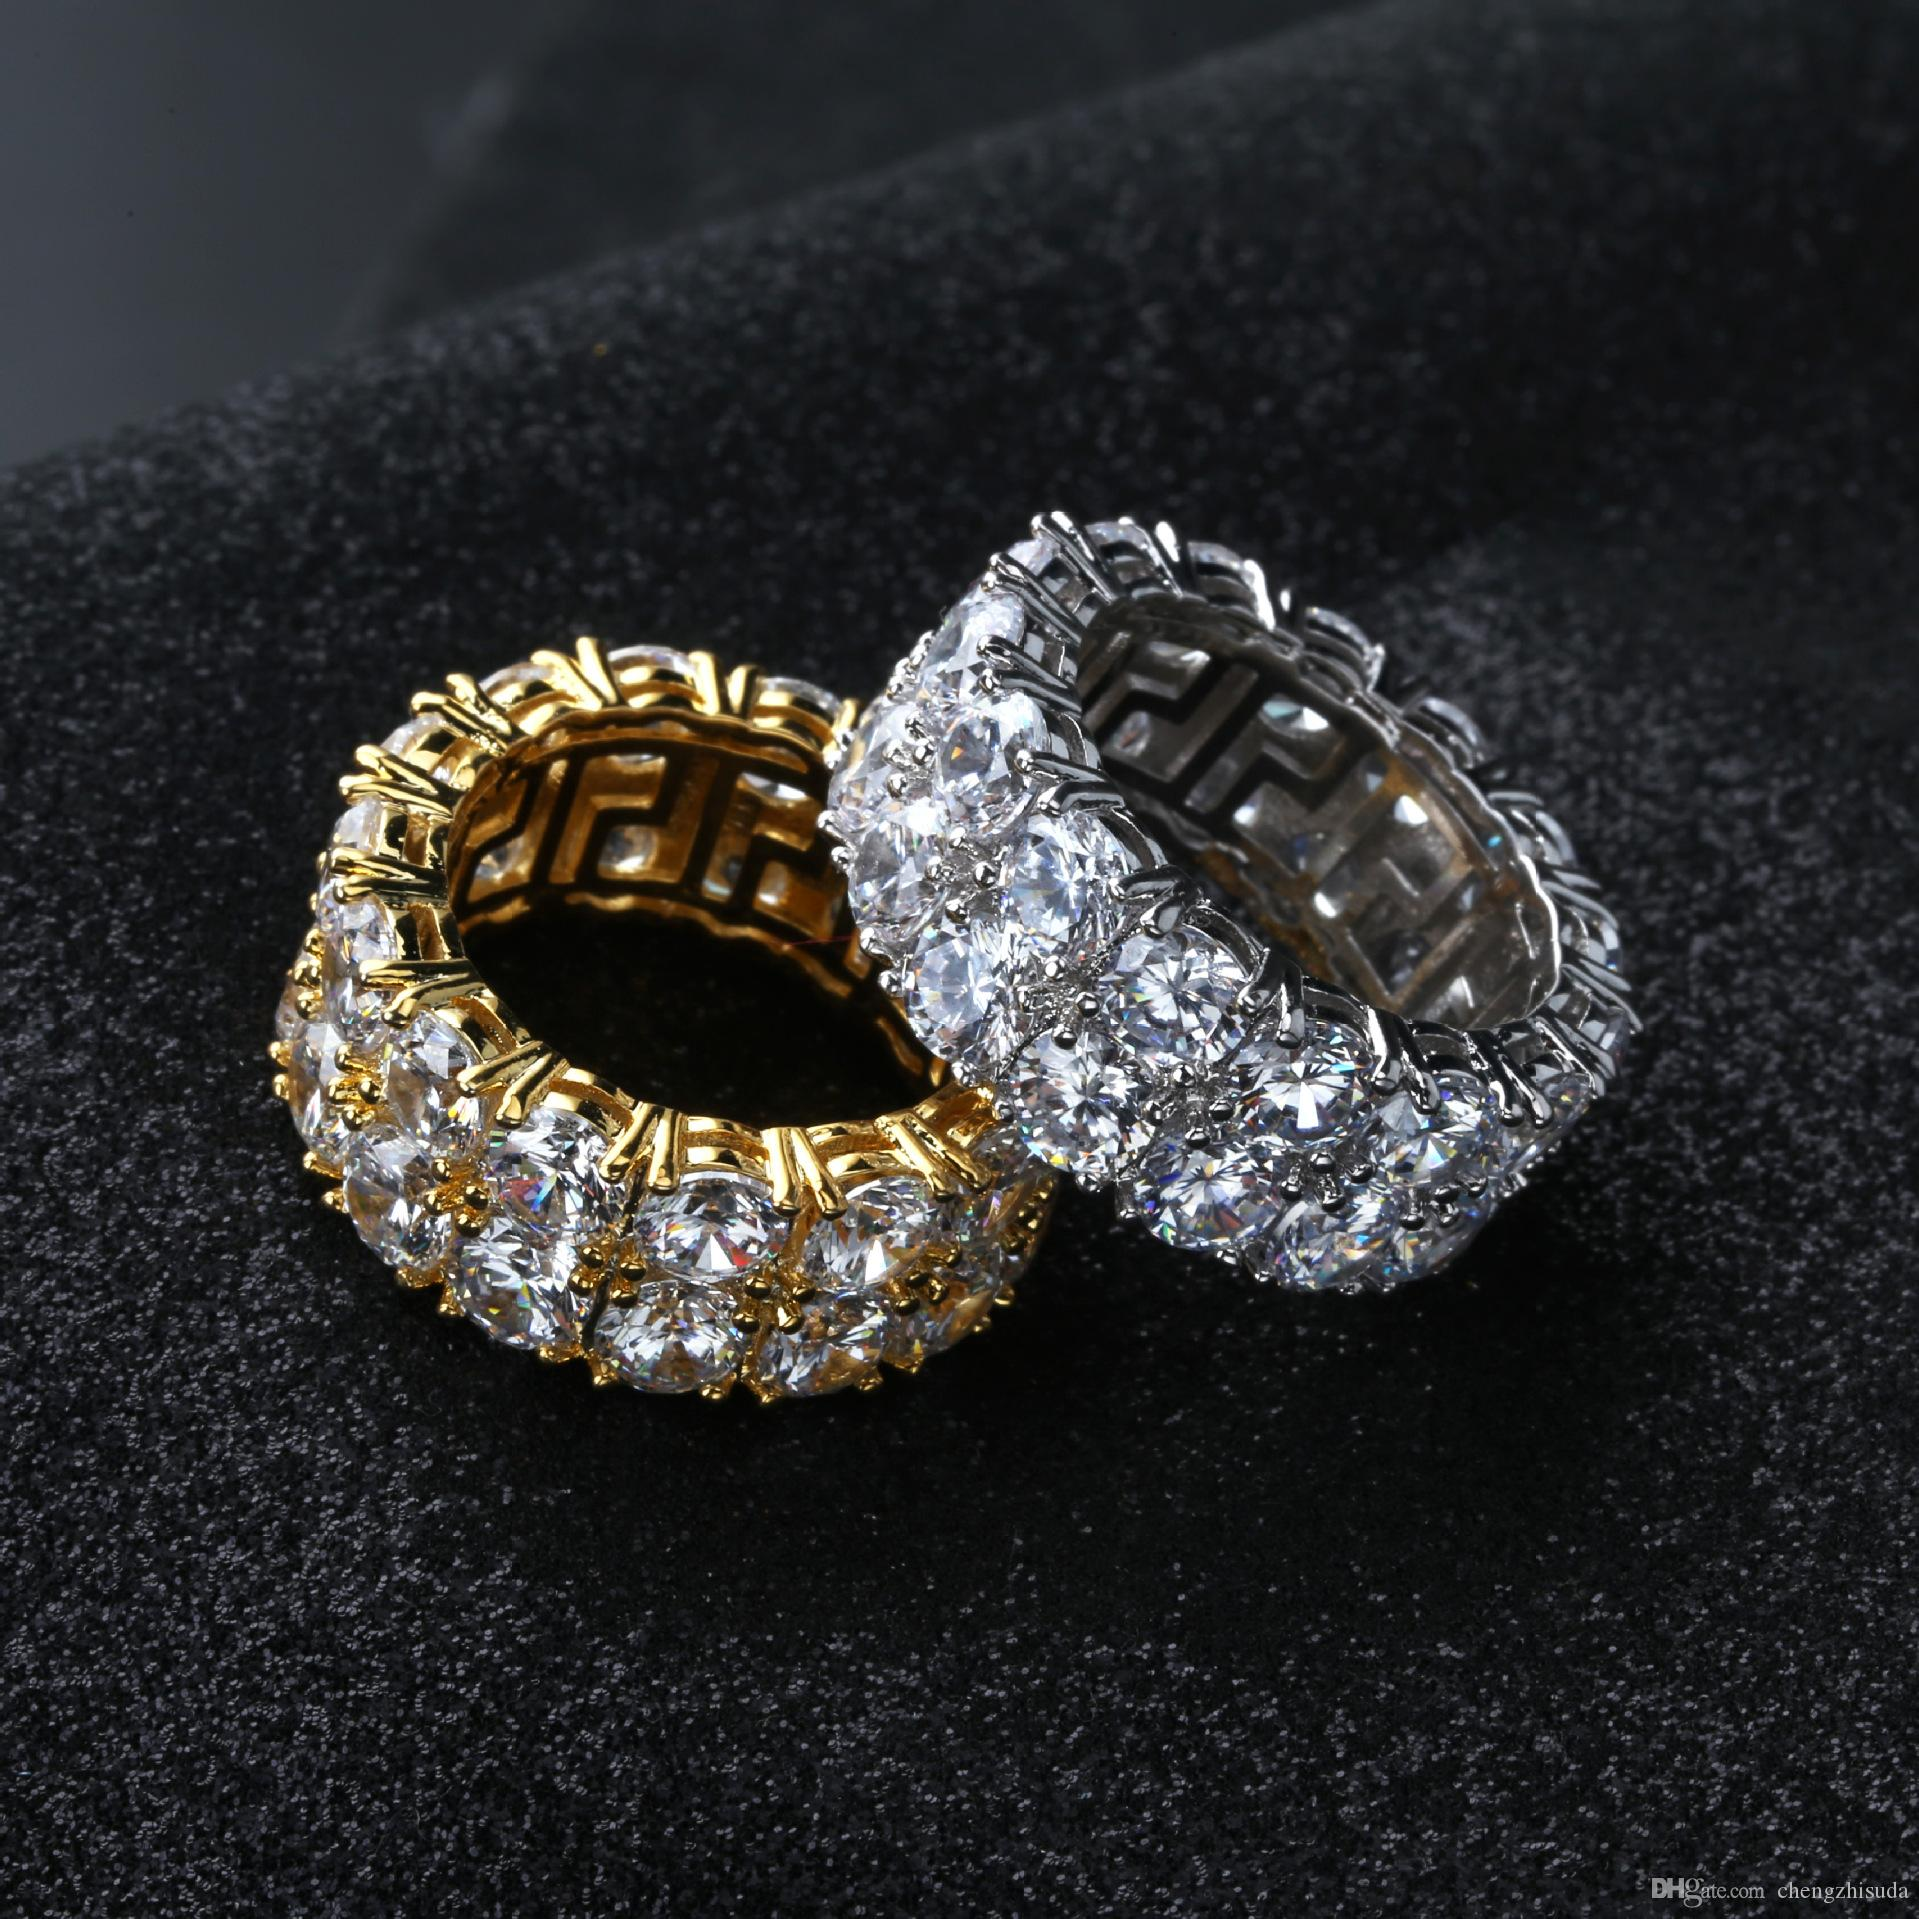 Размер 7-12 Hip Hop 2 Row Round Solitaire Циркон Теннис Кольцо для Мужчин Женщин Золото Серебро Цвета